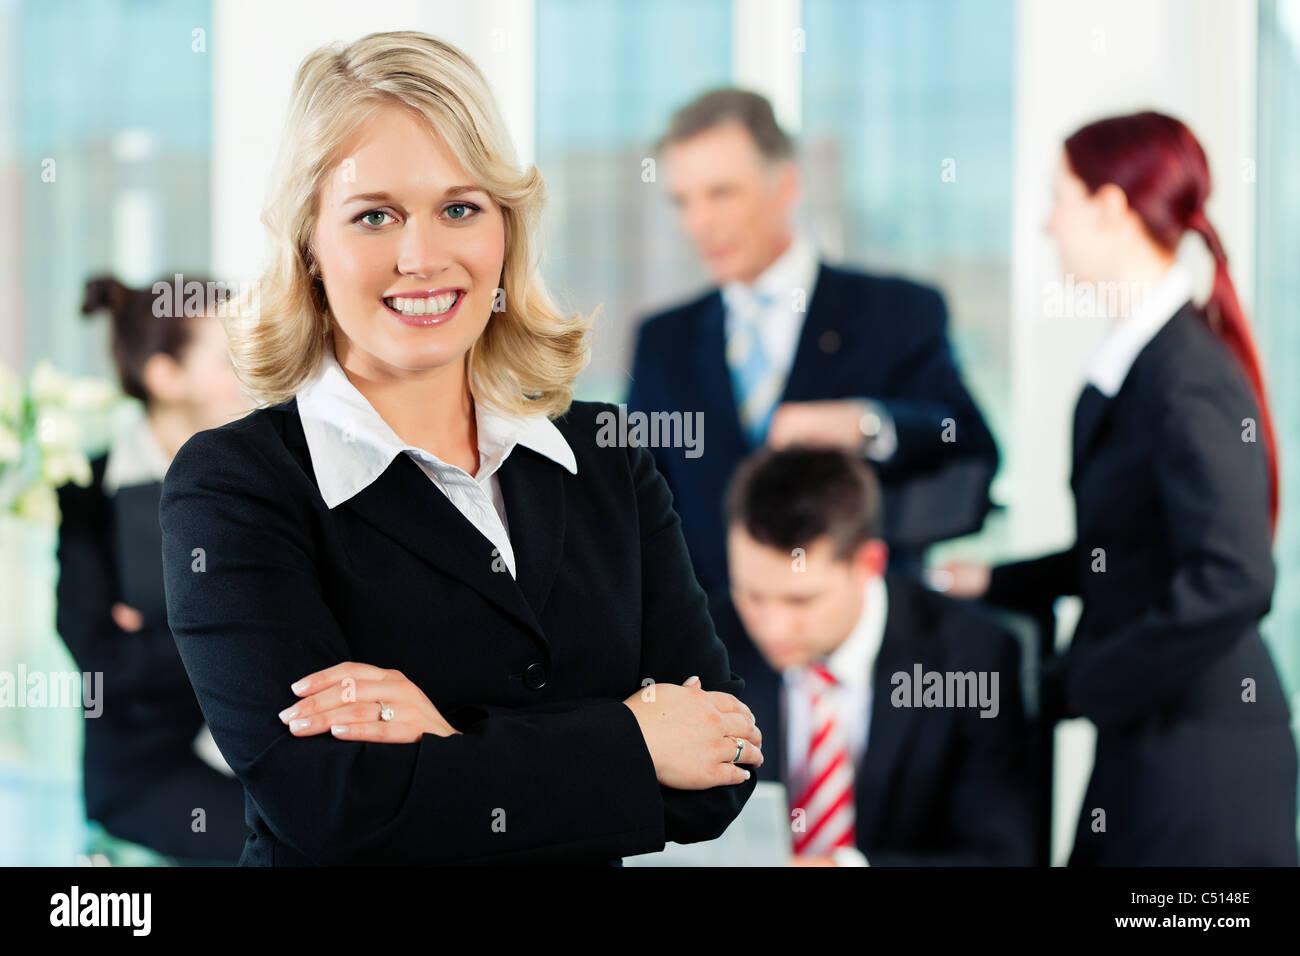 - Encuentro de negocios en una oficina; un colega está mirando a la cámara. Imagen De Stock